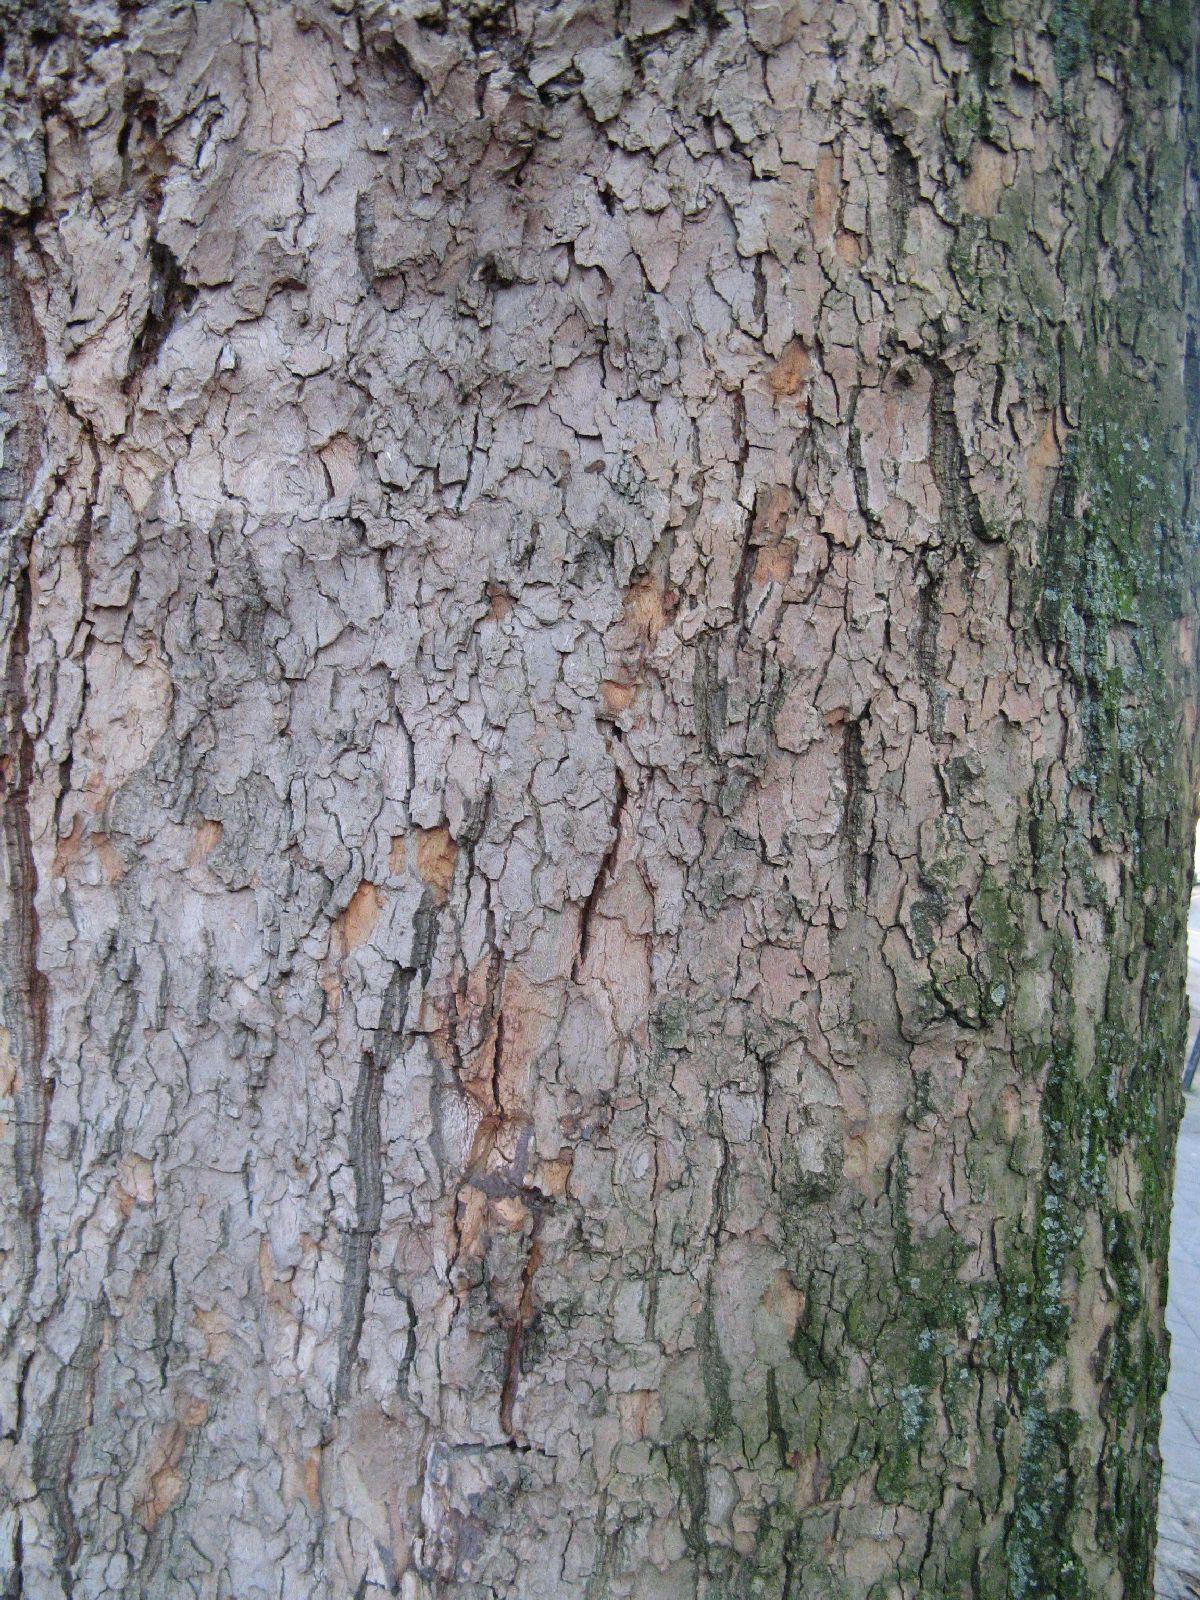 Baum-Rinde_Texturs_B_27620